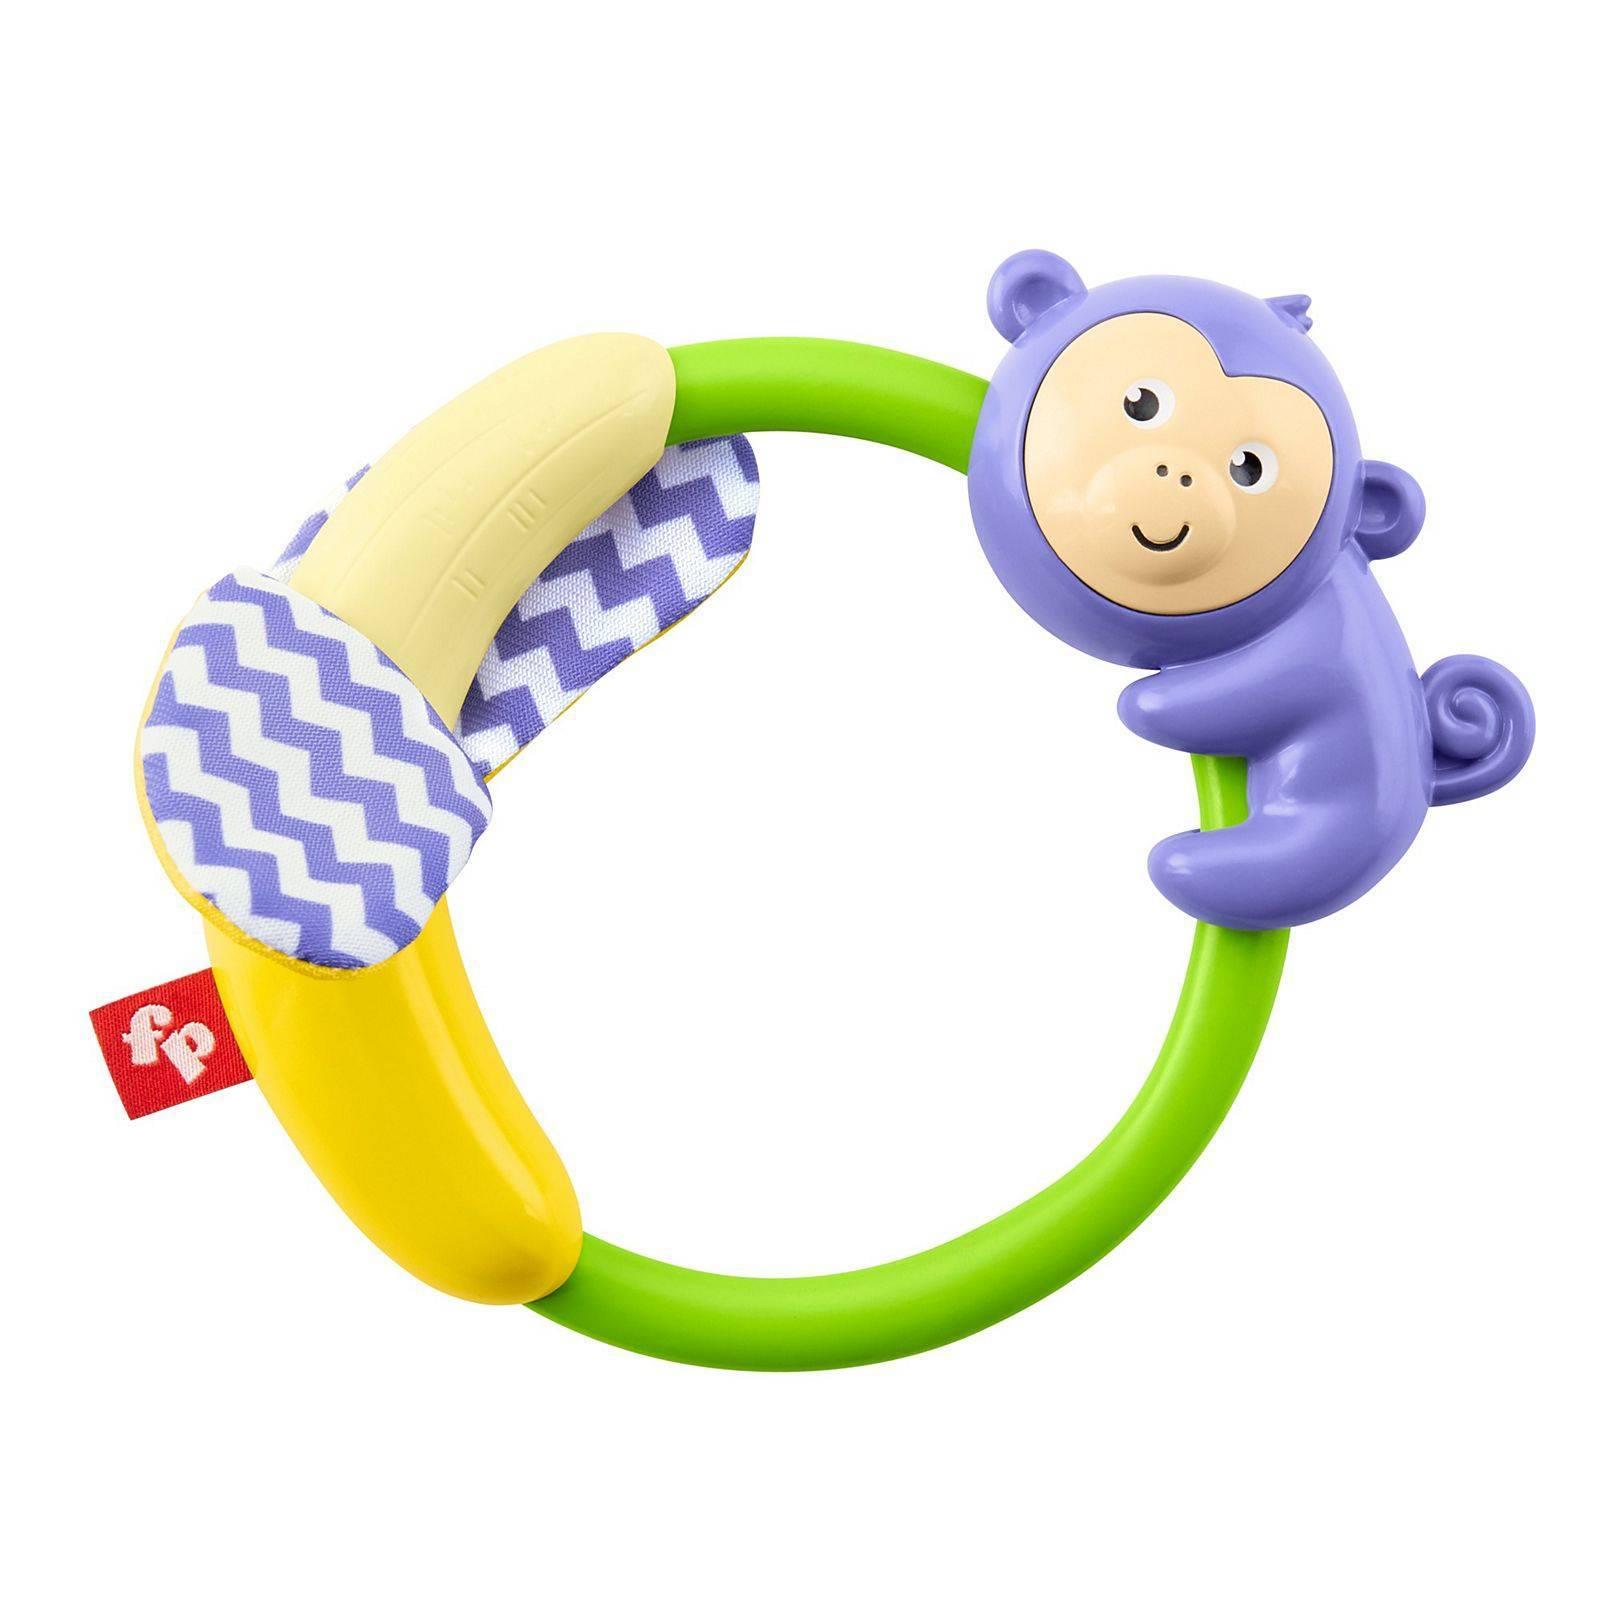 Safári Macaco Mordedor Fisher Price - Mattel GGF06 - Noy Brinquedos